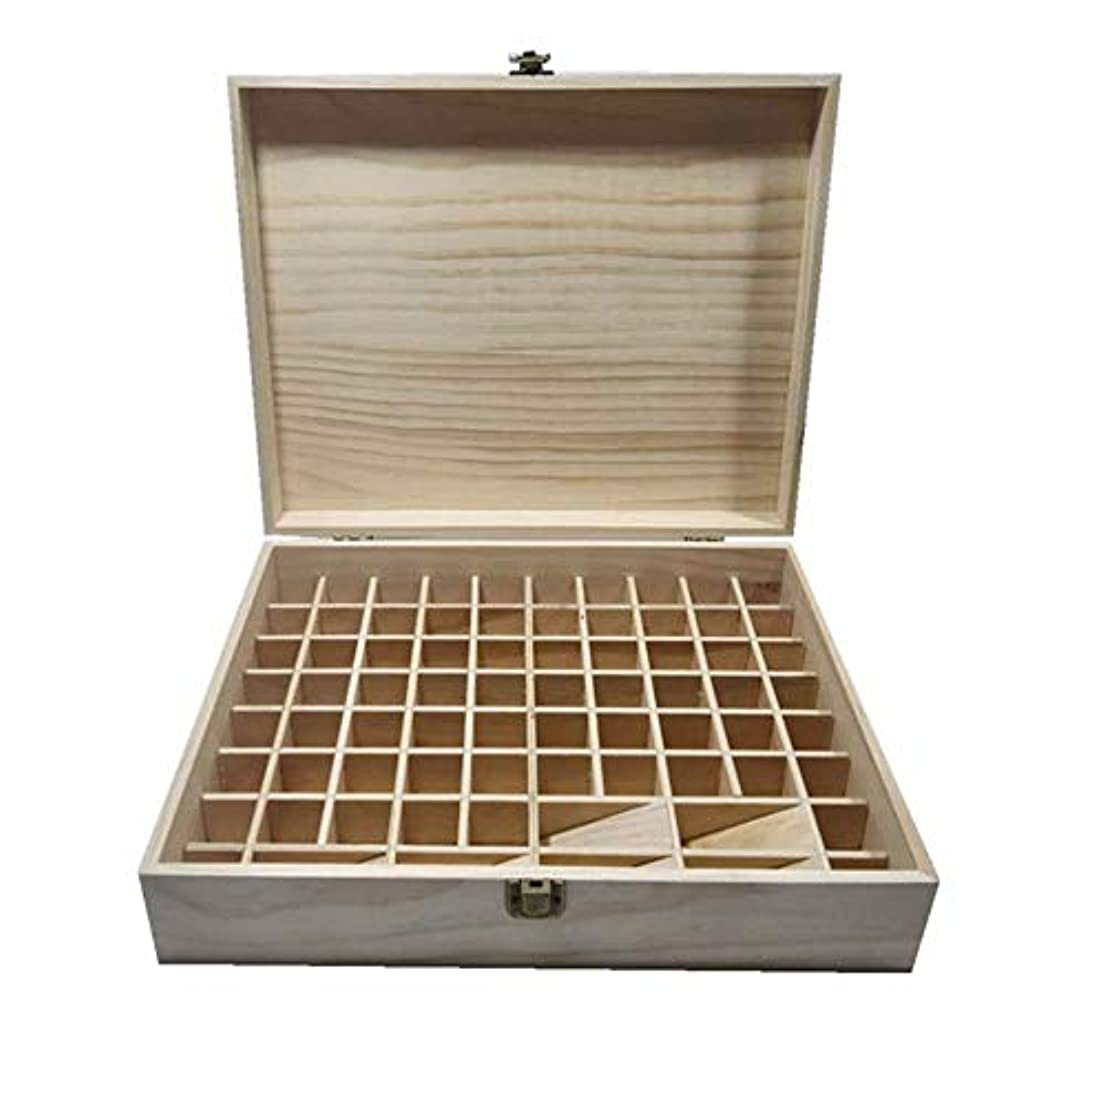 正確に米ドルクラック精油ケース 74スロットエッセンシャルオイルボックス木製収納ケースは、ボトル用エッセンシャルオイルスペースセーバーを開催します 携帯便利 (色 : Natural, サイズ : 34X27.5X9CM)